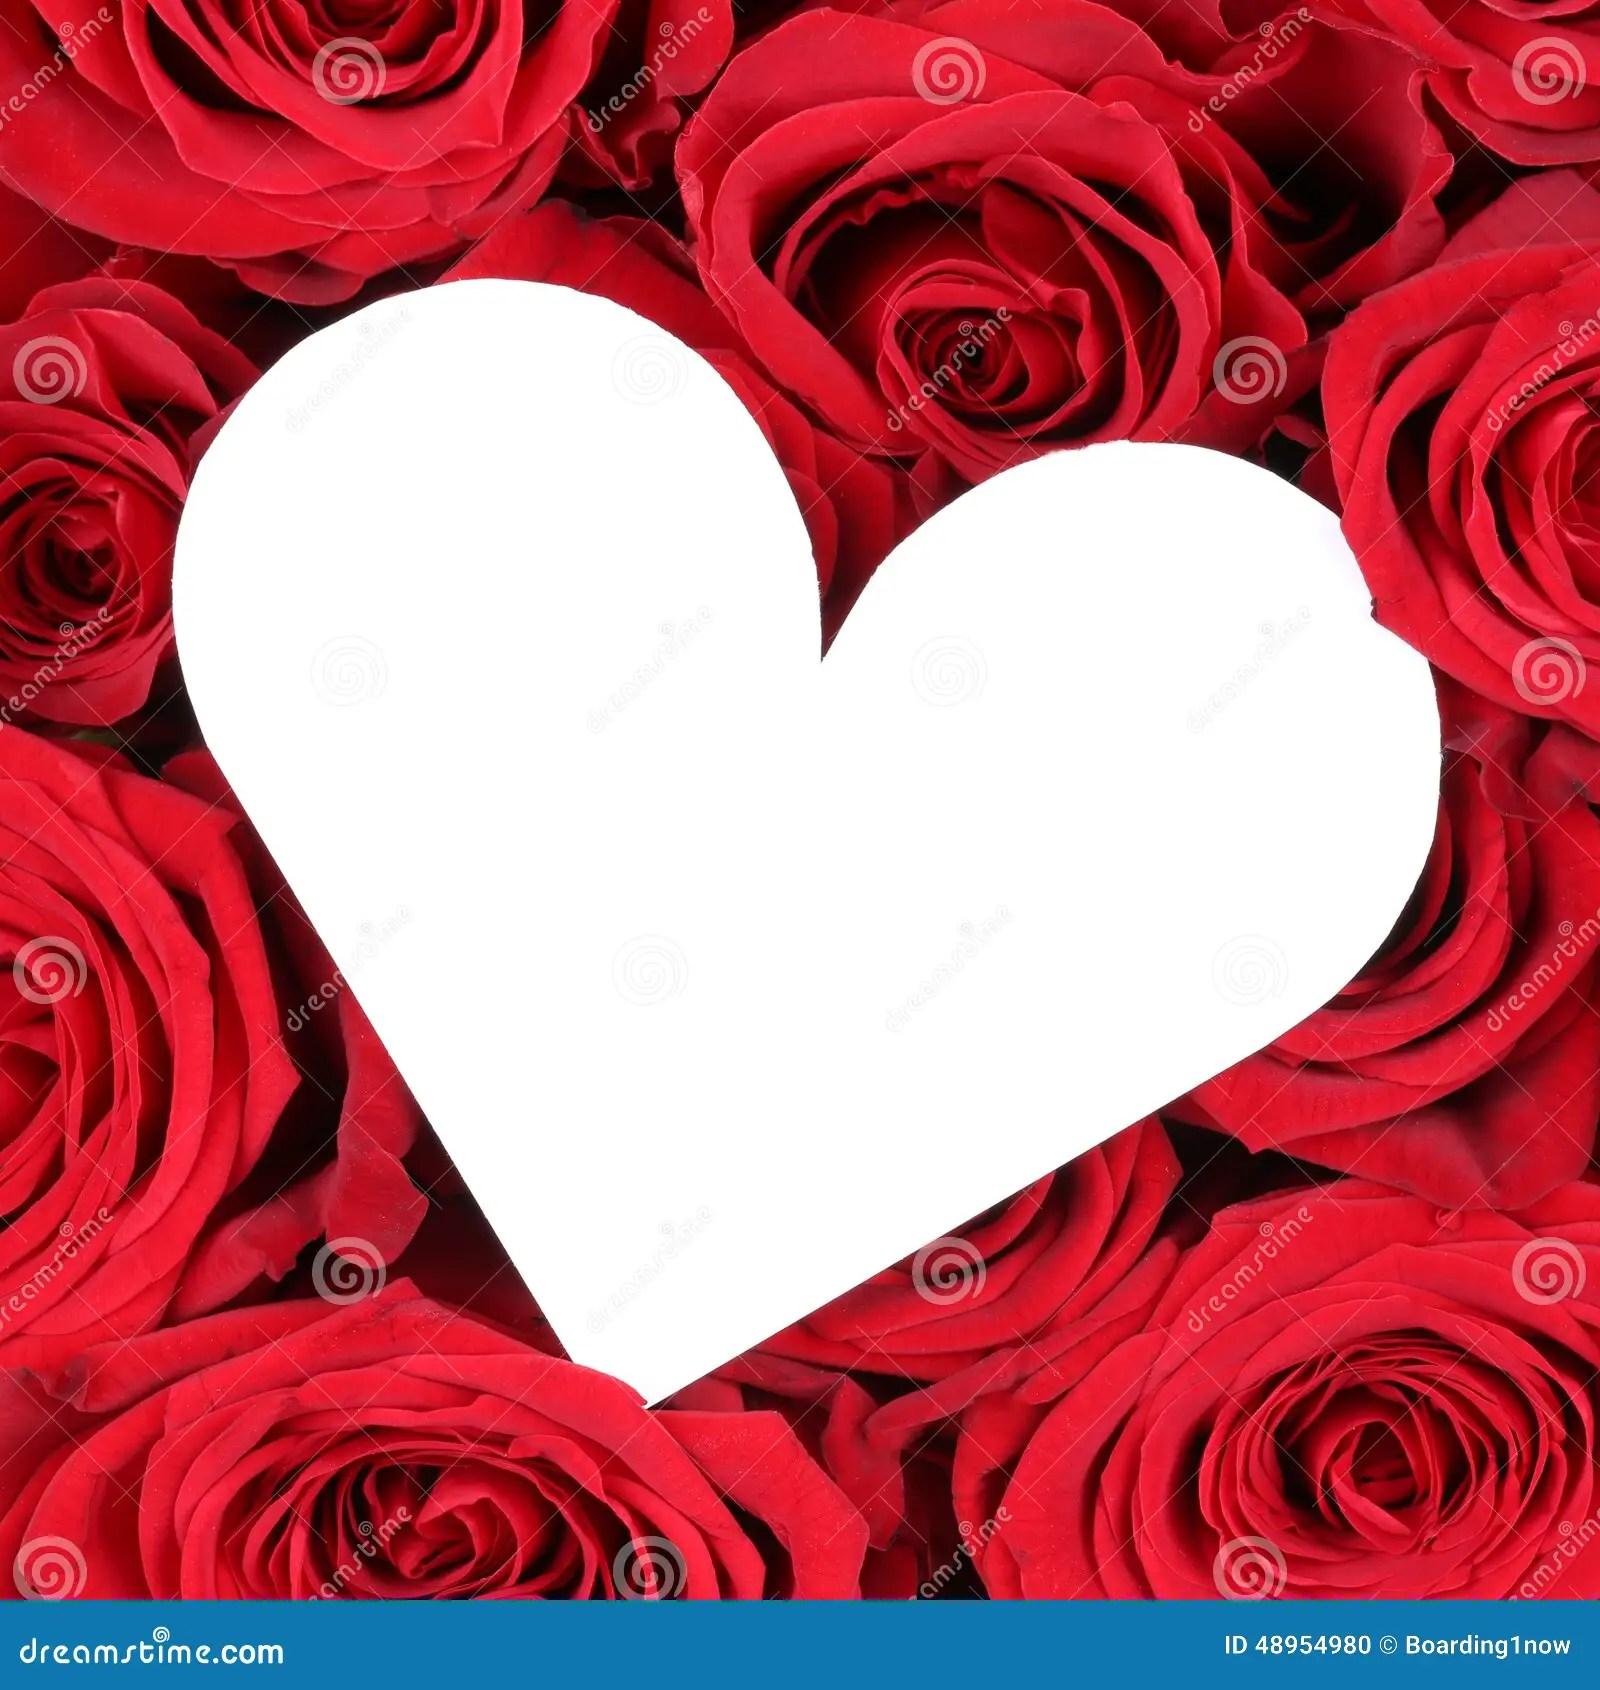 Rote Rosen Mit Herzen Als Liebe Auf Valentinstag Oder